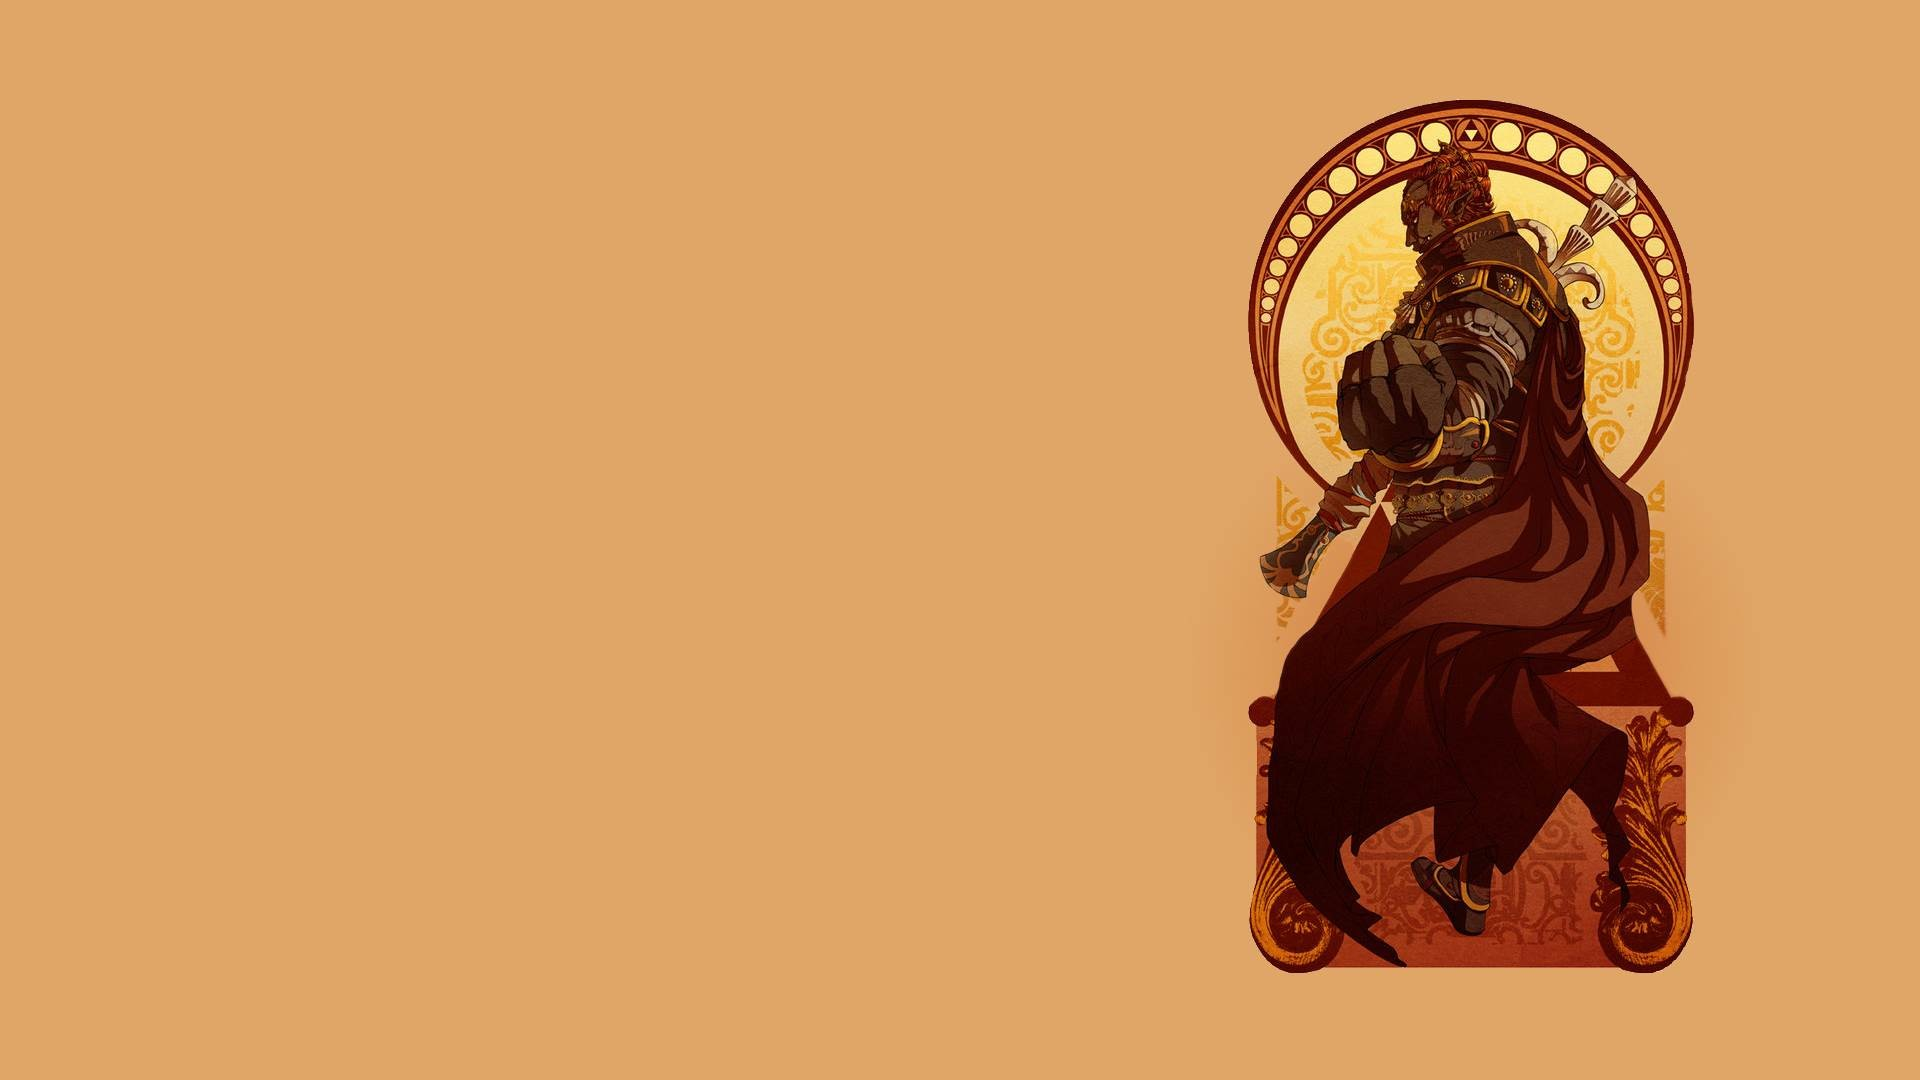 Ganondorf Wallpapers Wallpaper 1920×1080